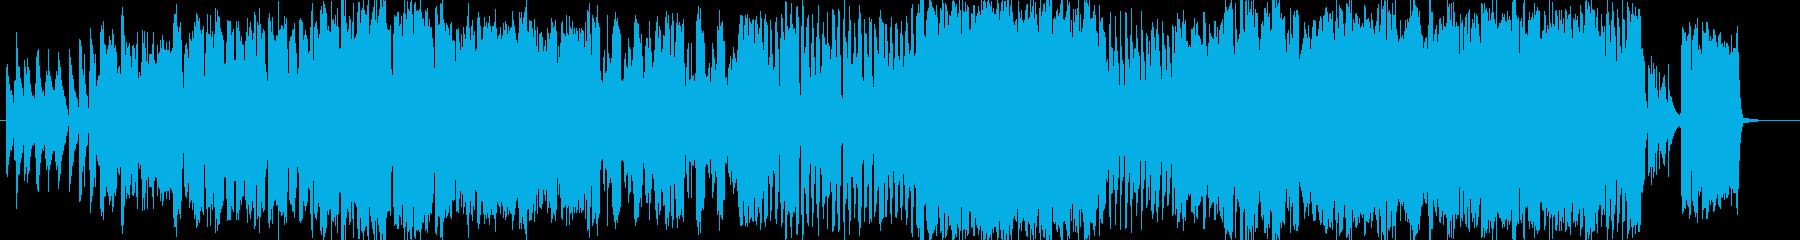 【カノン風ポップなバラード】結婚式VTRの再生済みの波形